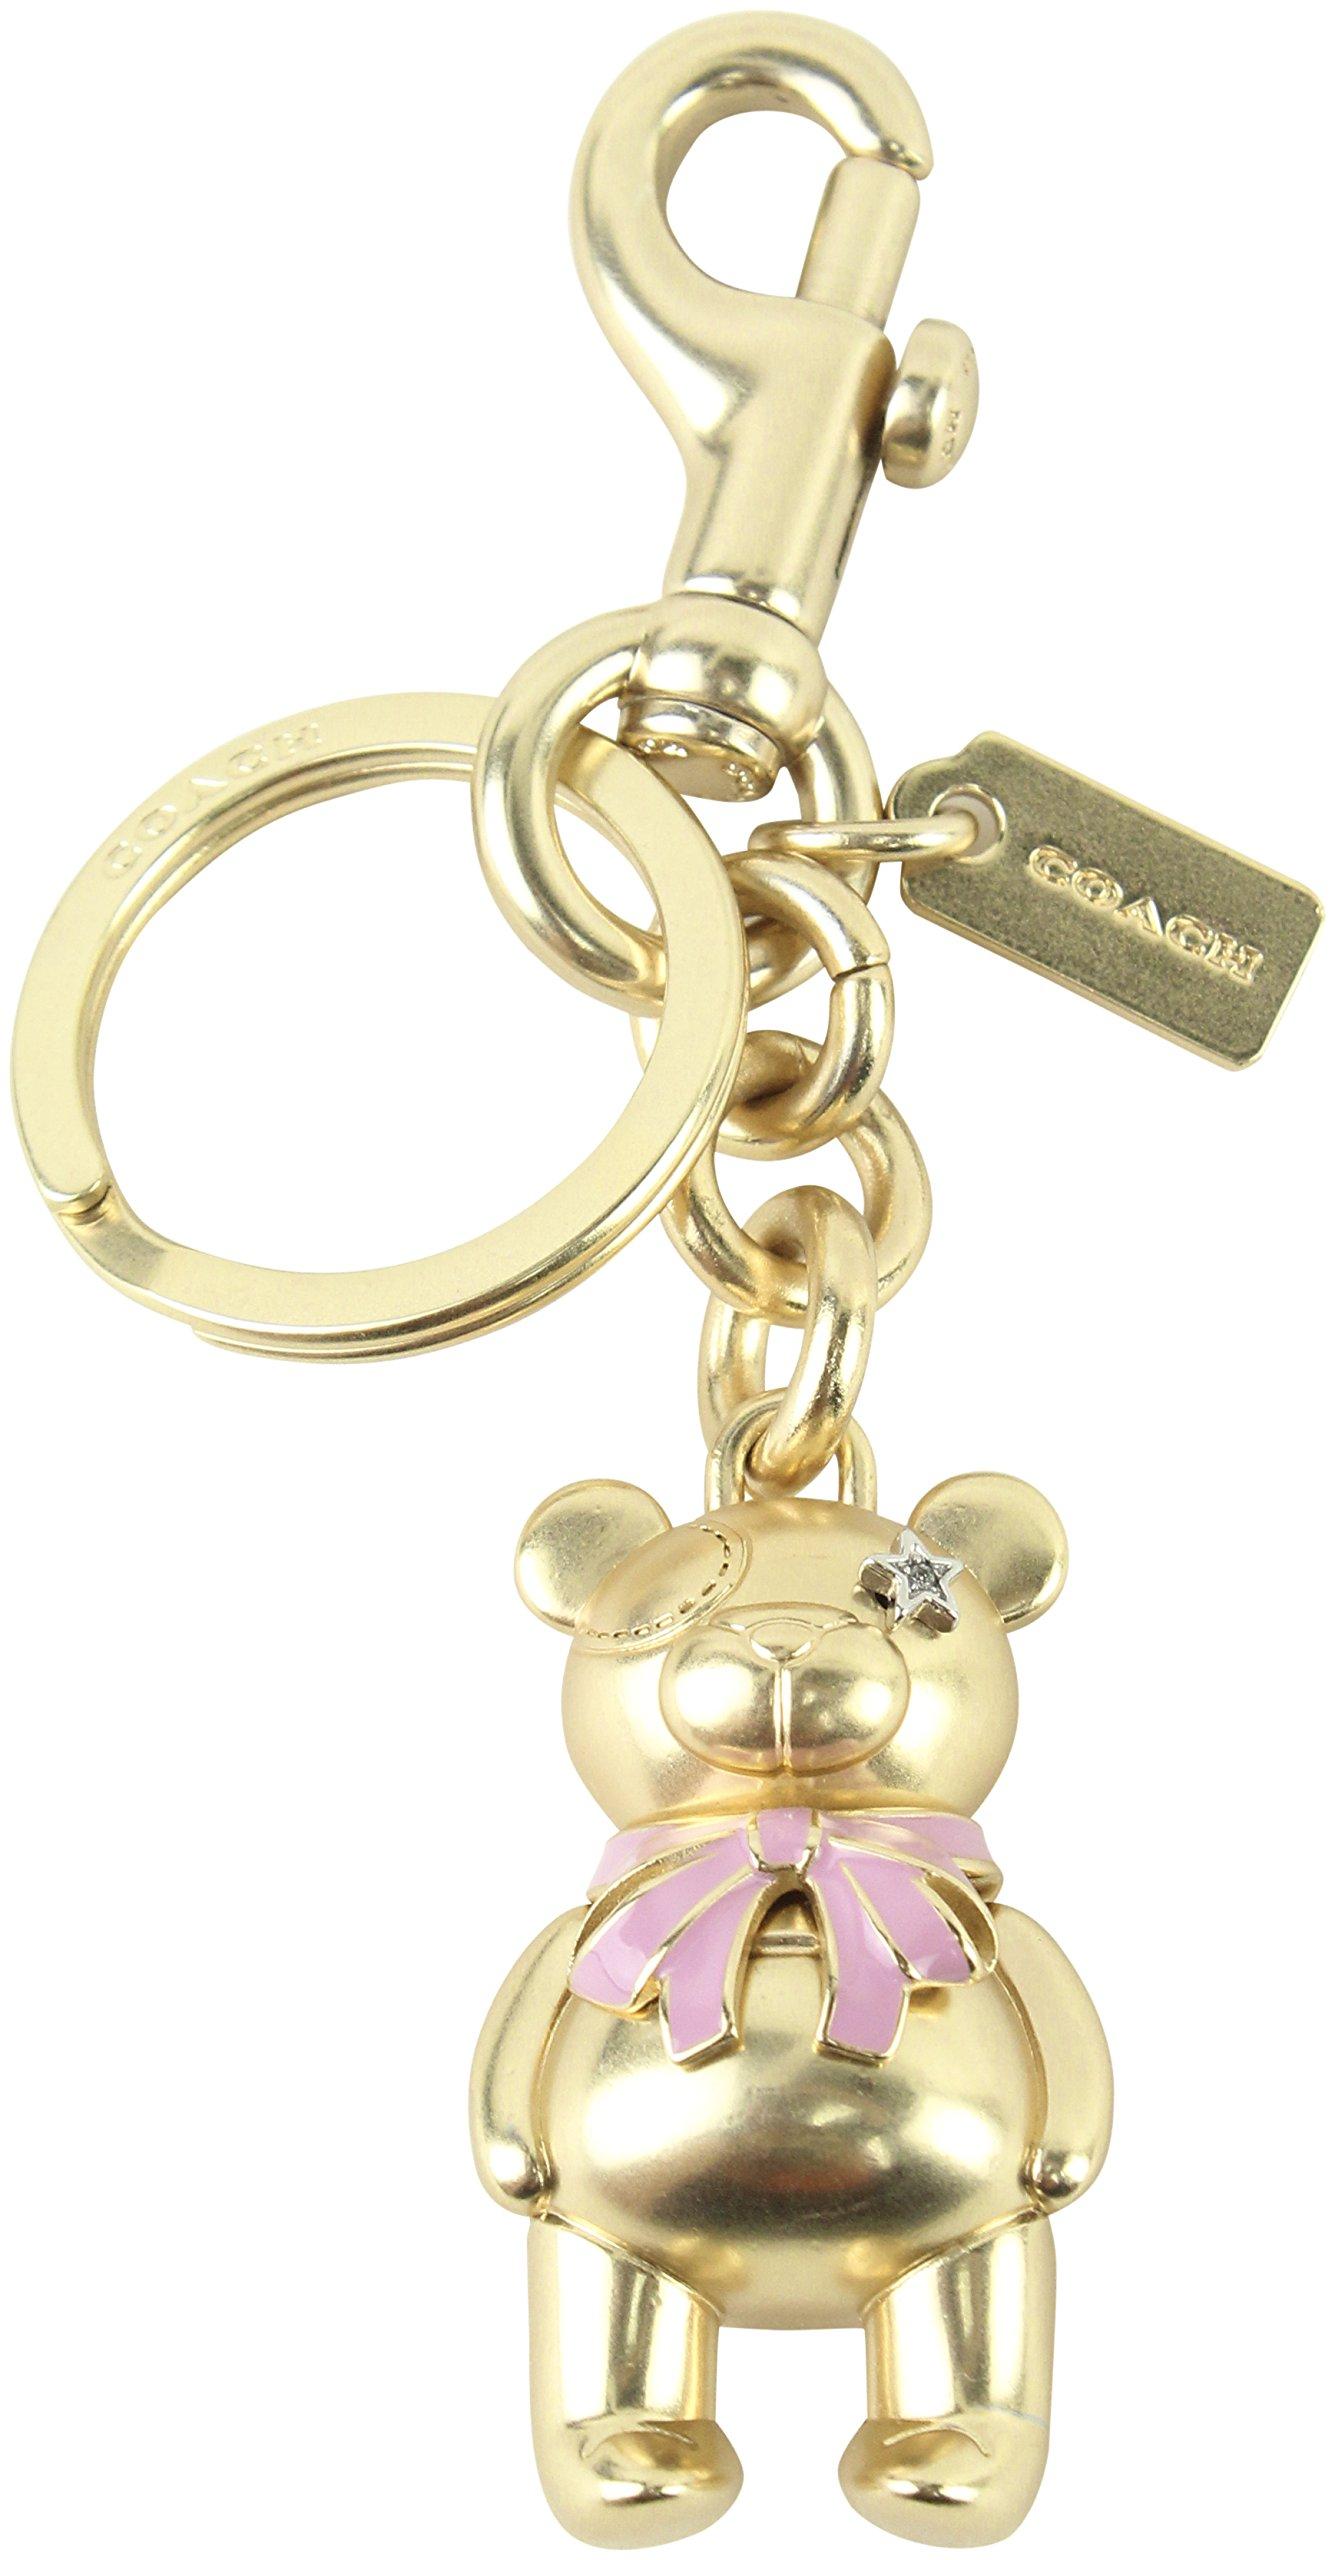 COACH 3 - D Bear Bag / Purse Charm Key Fob / Chain in Gold 87166